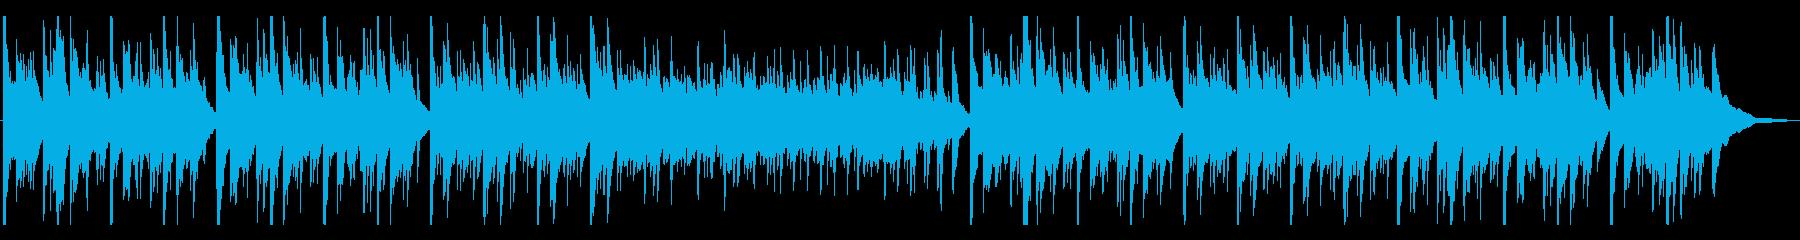 優しく切ないアコースティックギター曲の再生済みの波形